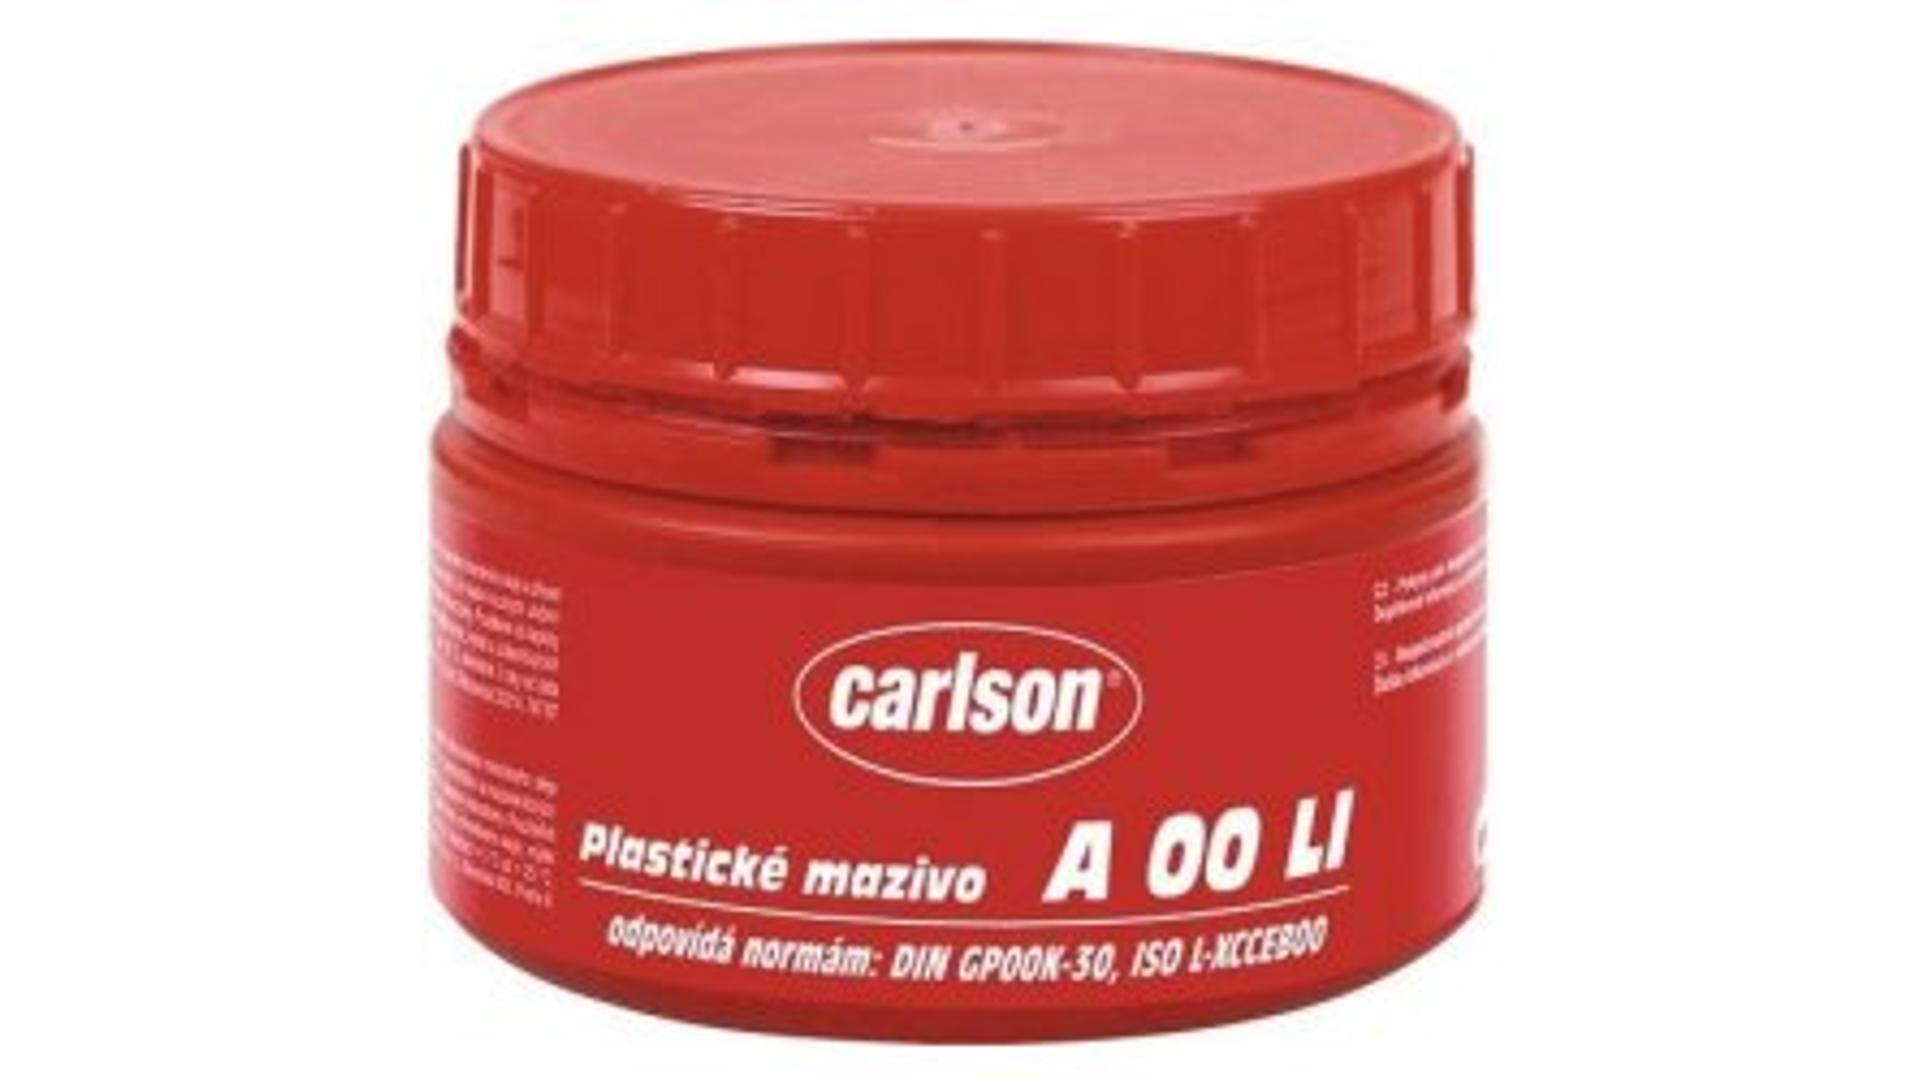 CARLSON plastické mazivo a 00 li - 250g